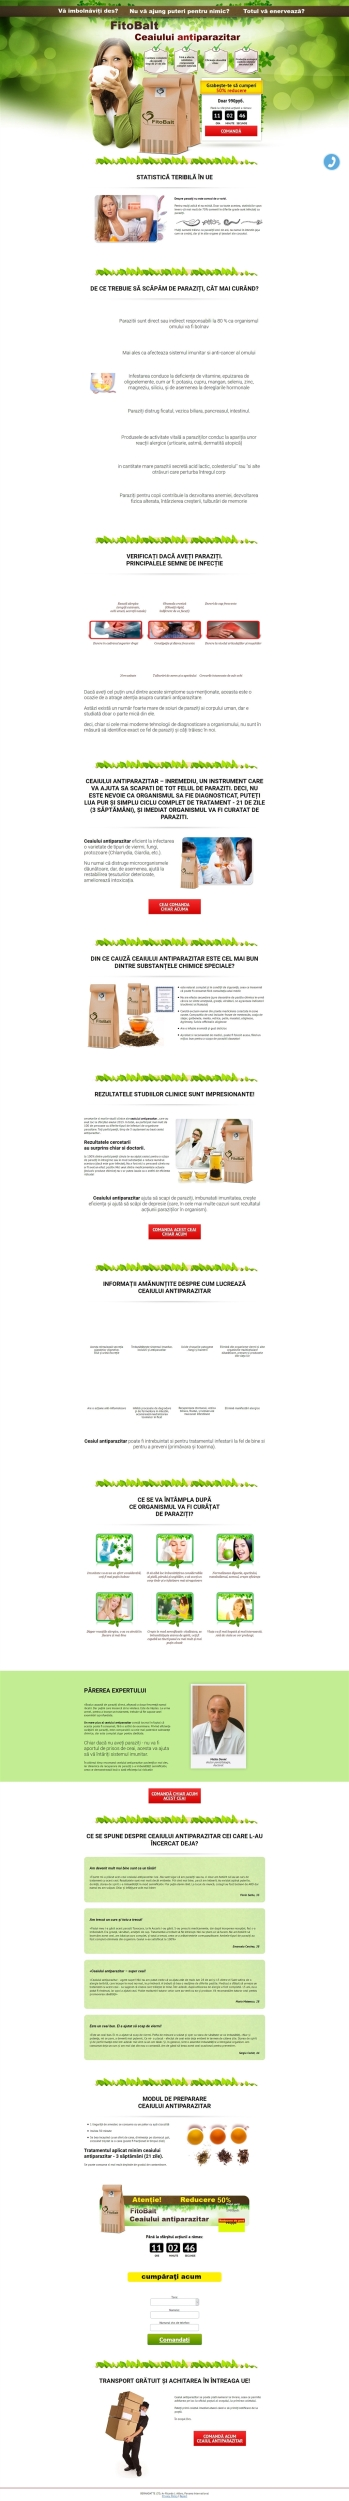 Tratament helmint în îngrijirea asistentei medicale. Papillomaviridae taxonomy